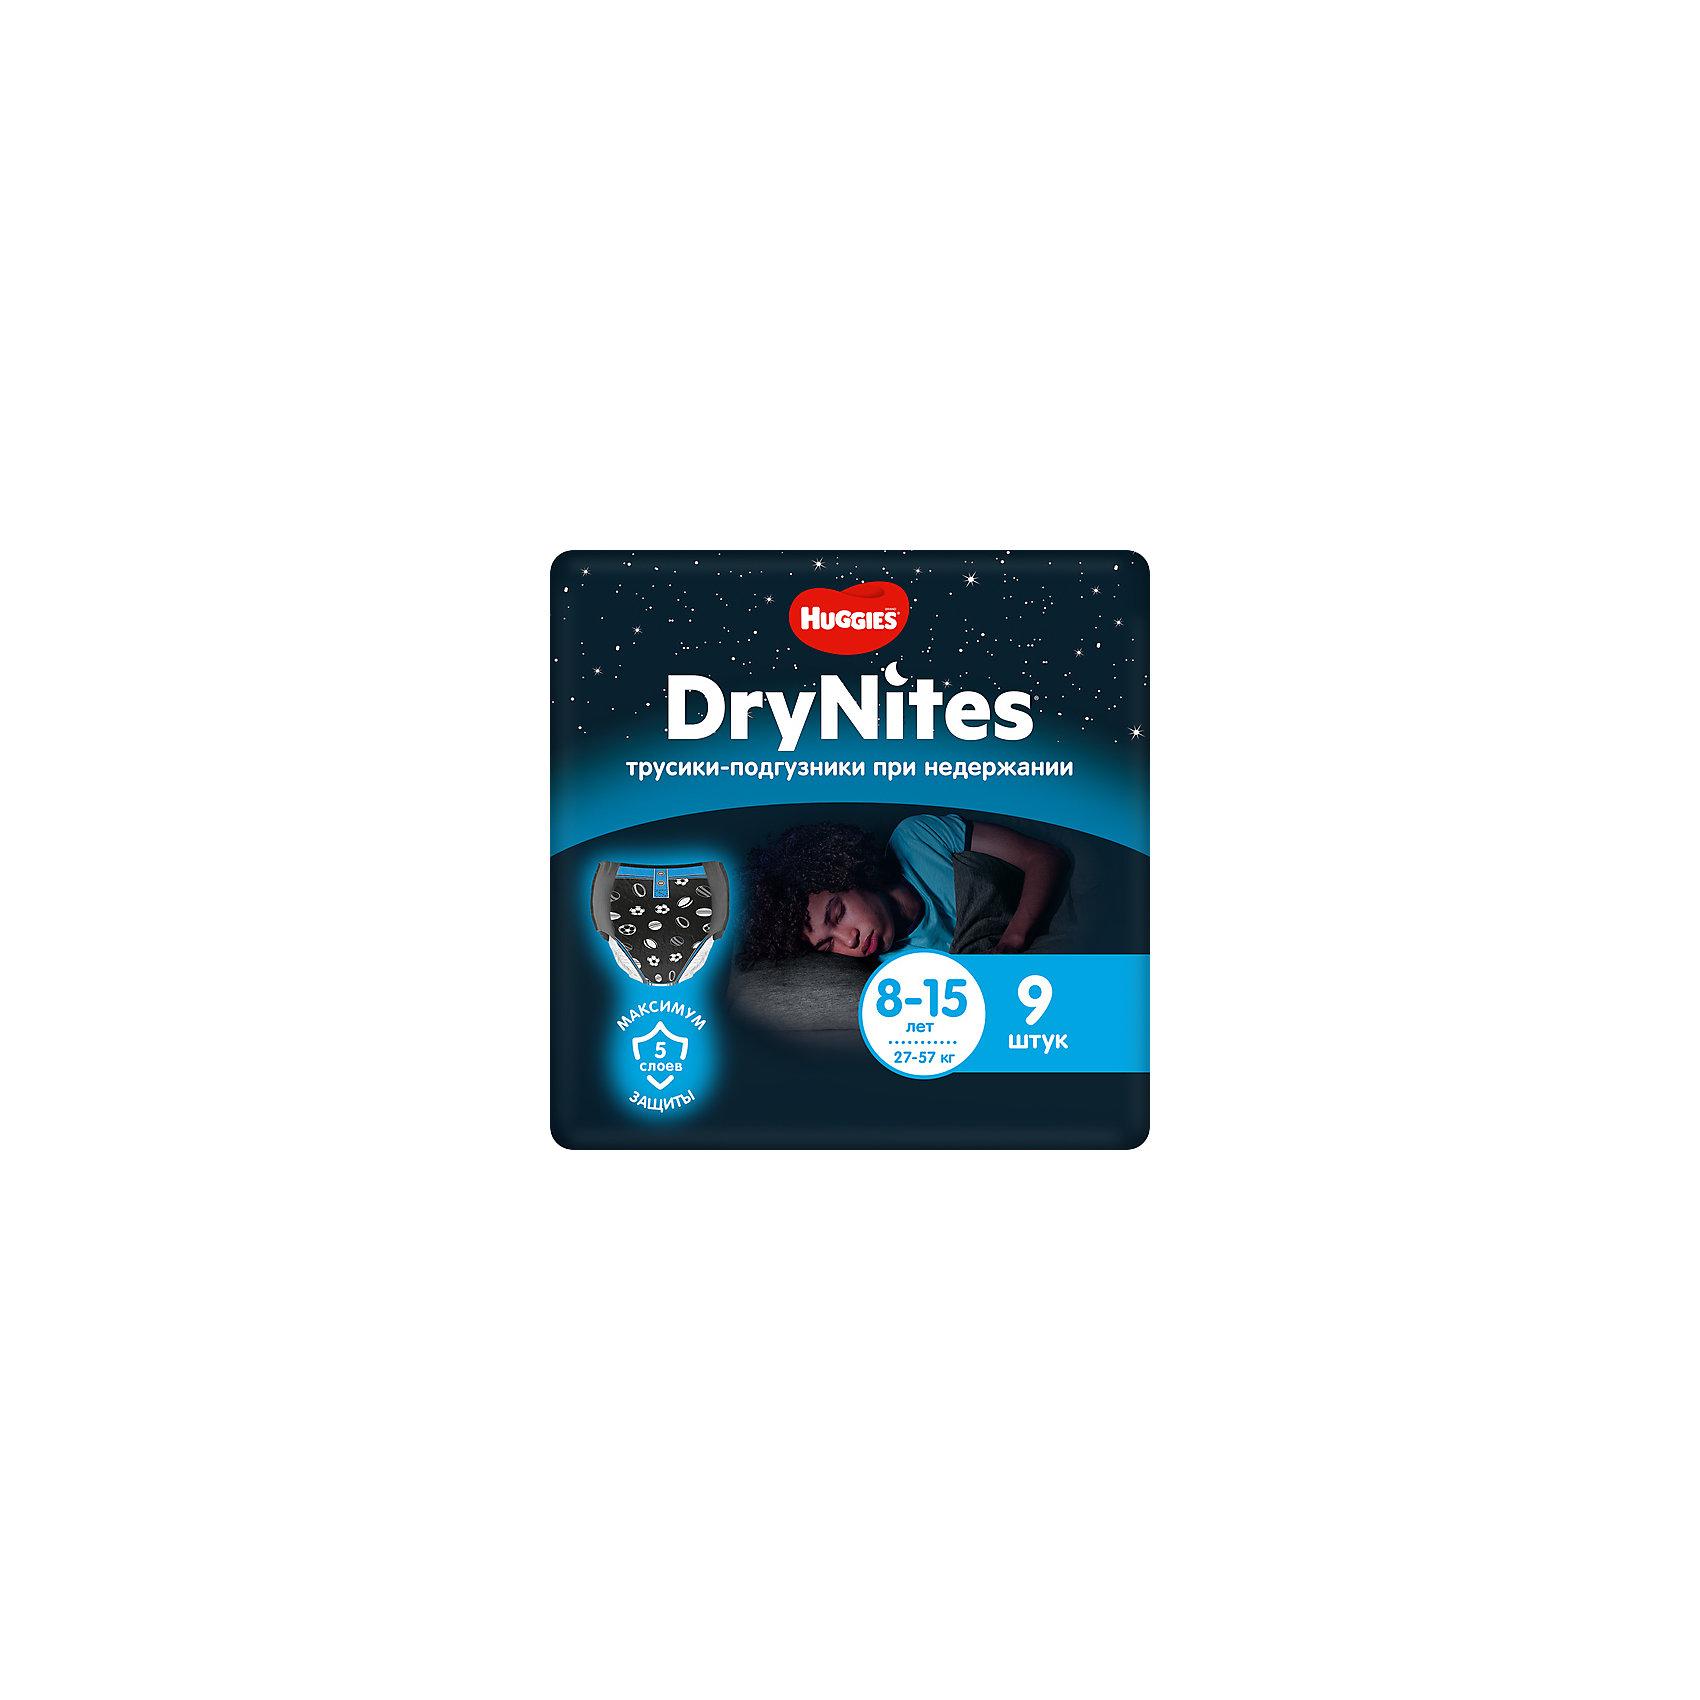 Трусики Huggies DryNites для мальчиков 8-15 лет, 27-57 кг, 9 шт. (HUGGIES)